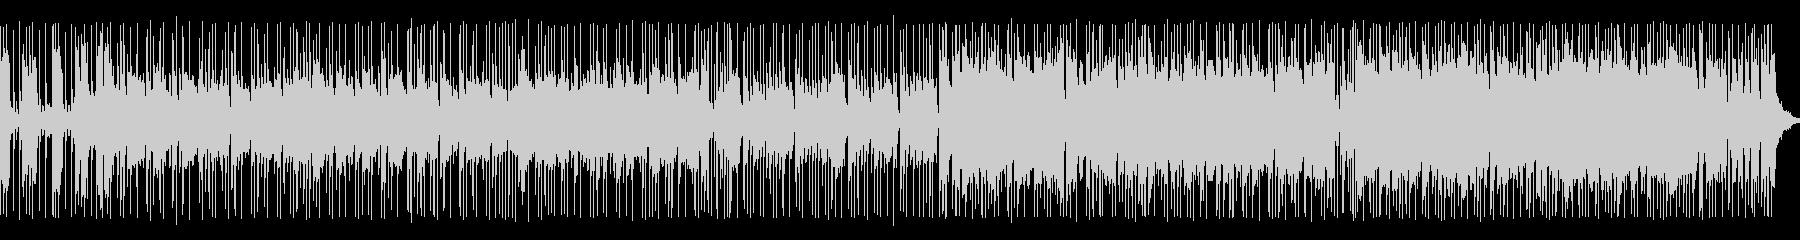 エレキギターメインのアップテンポ BGMの未再生の波形